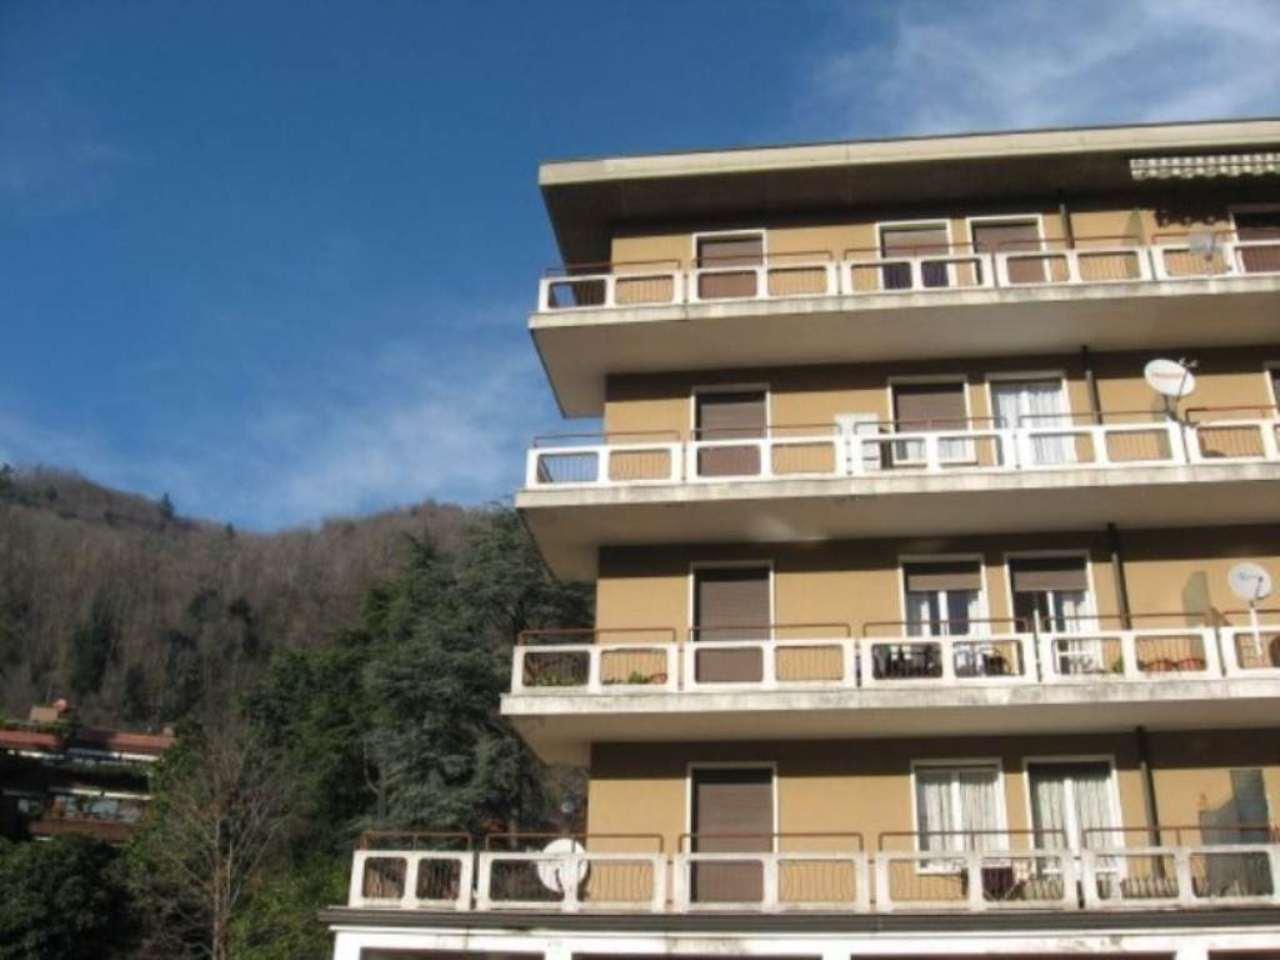 Appartamento in vendita a Induno Olona, 3 locali, prezzo € 120.000 | CambioCasa.it